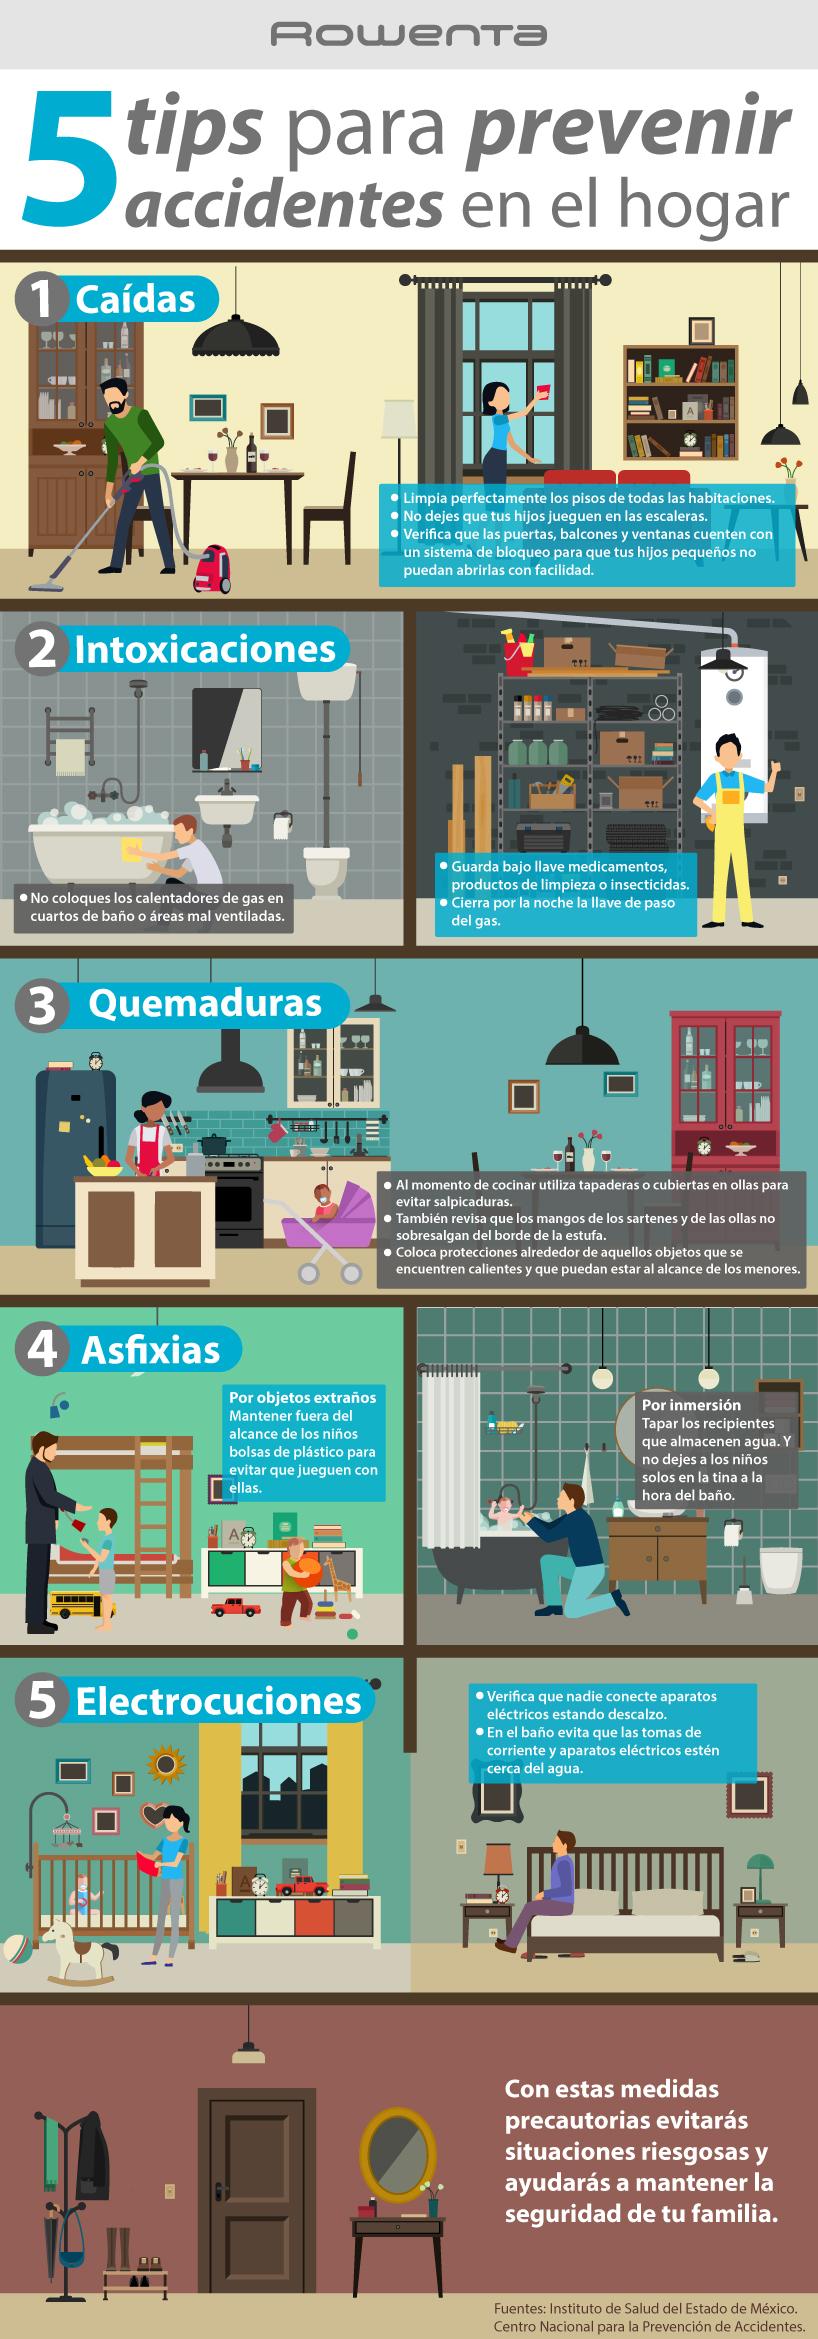 5 tips para preventer accidentes en el hogar rowenta for Productos antihumedad para la casa